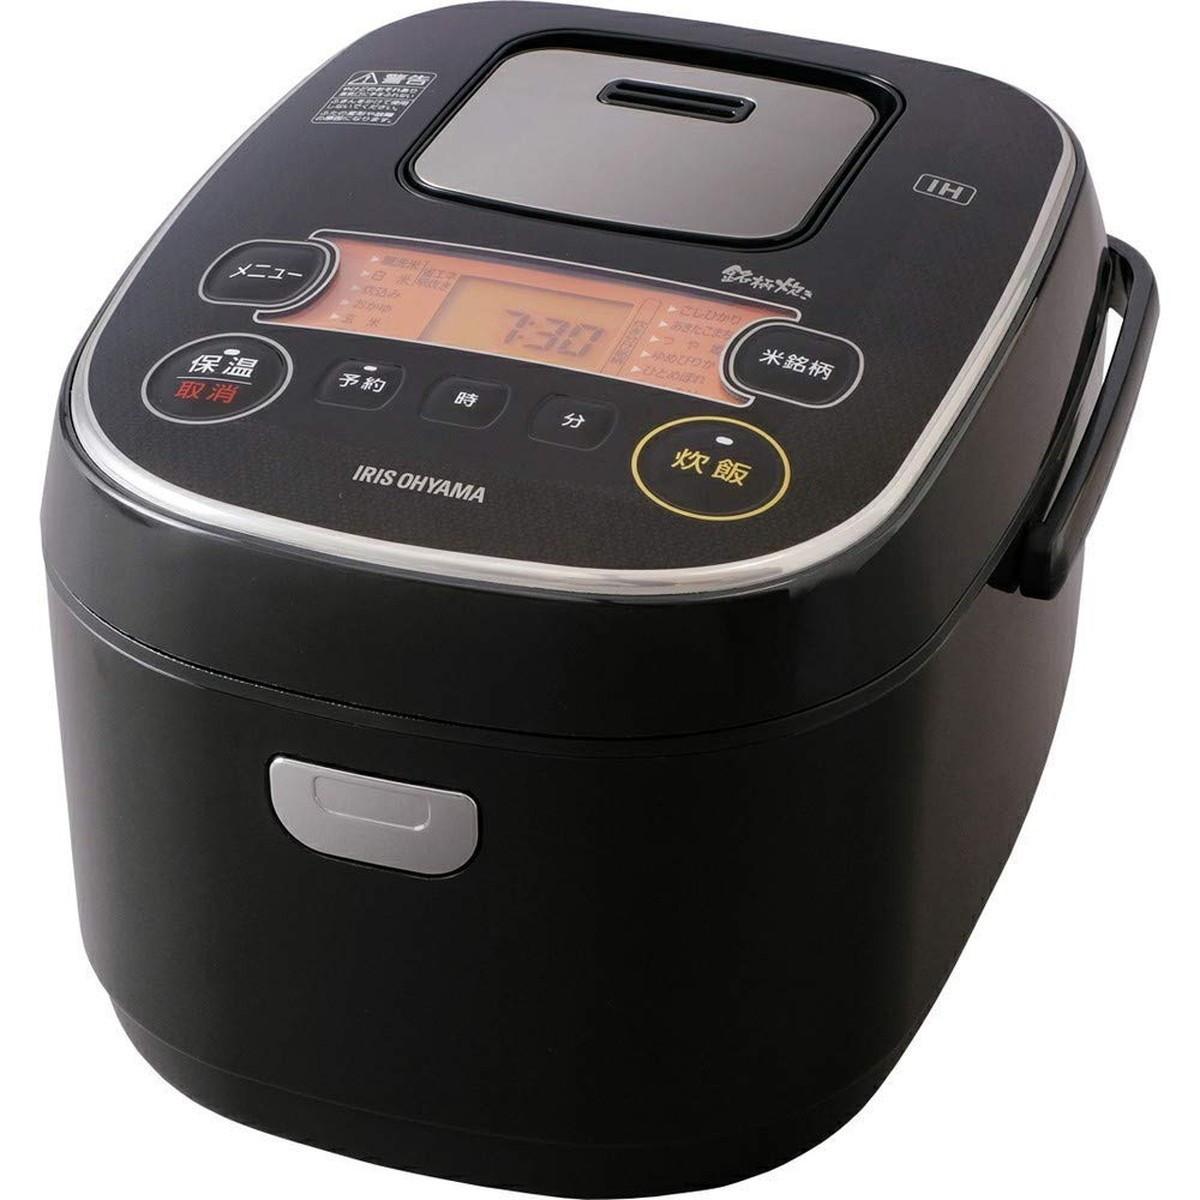 【エントリーでポイント10倍!!】アイリスオーヤマ 炊飯器 IH式 5合 銘柄炊き分け機能付き RC-IE50-B